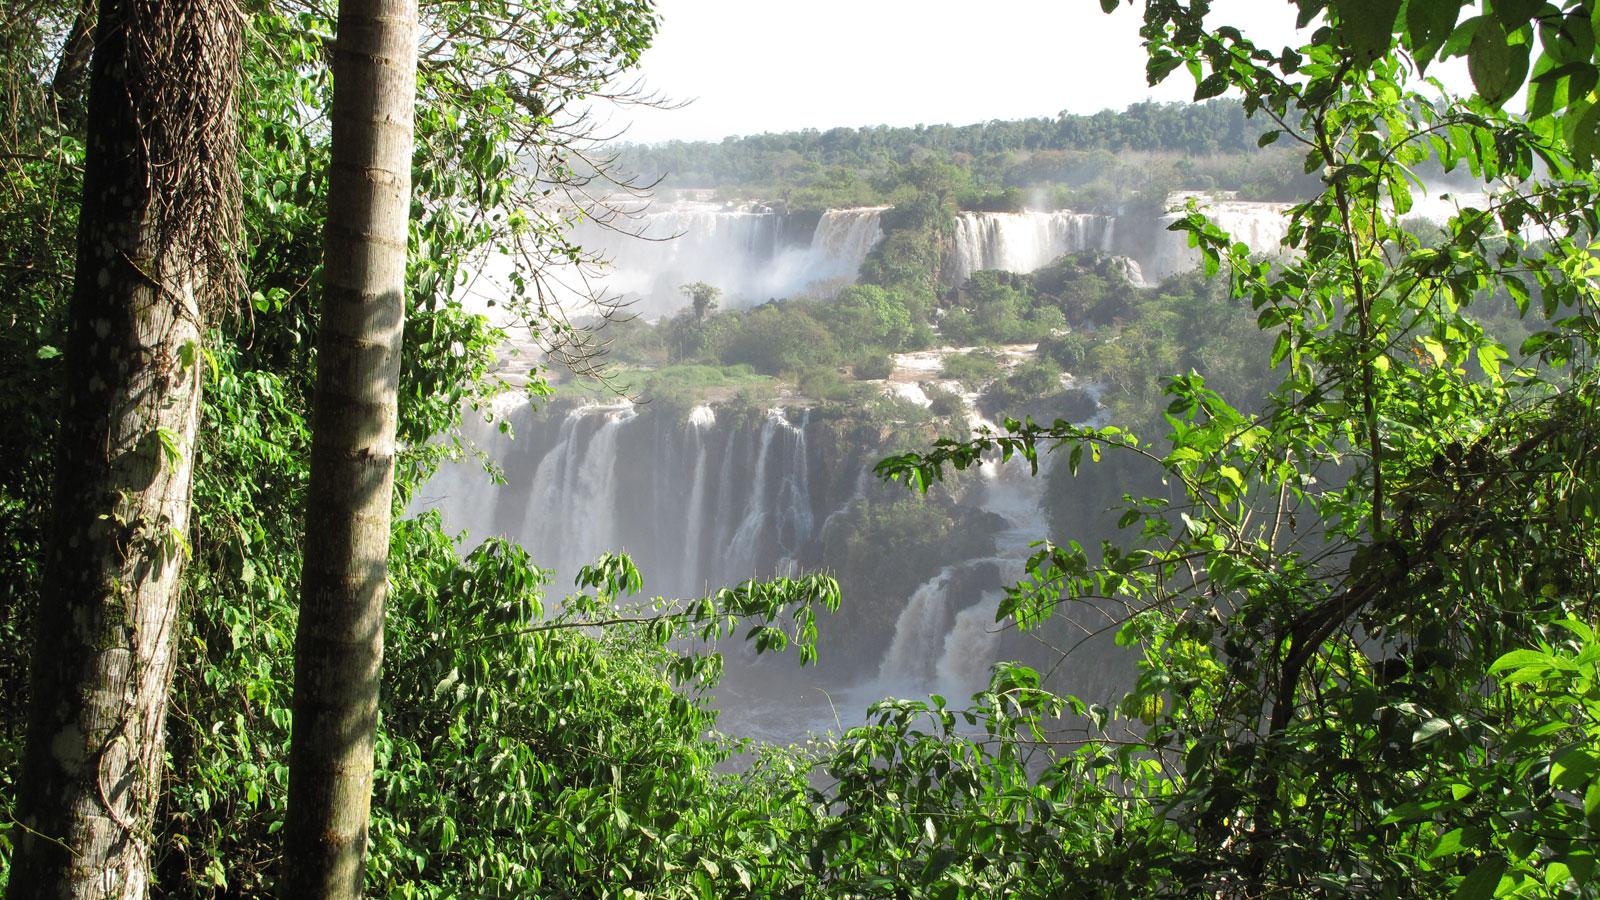 Iguazu Wasserfälle in Brasilien und Argentienien, Foz do Iguaçu. traveljunkies Reisen für junge Leute